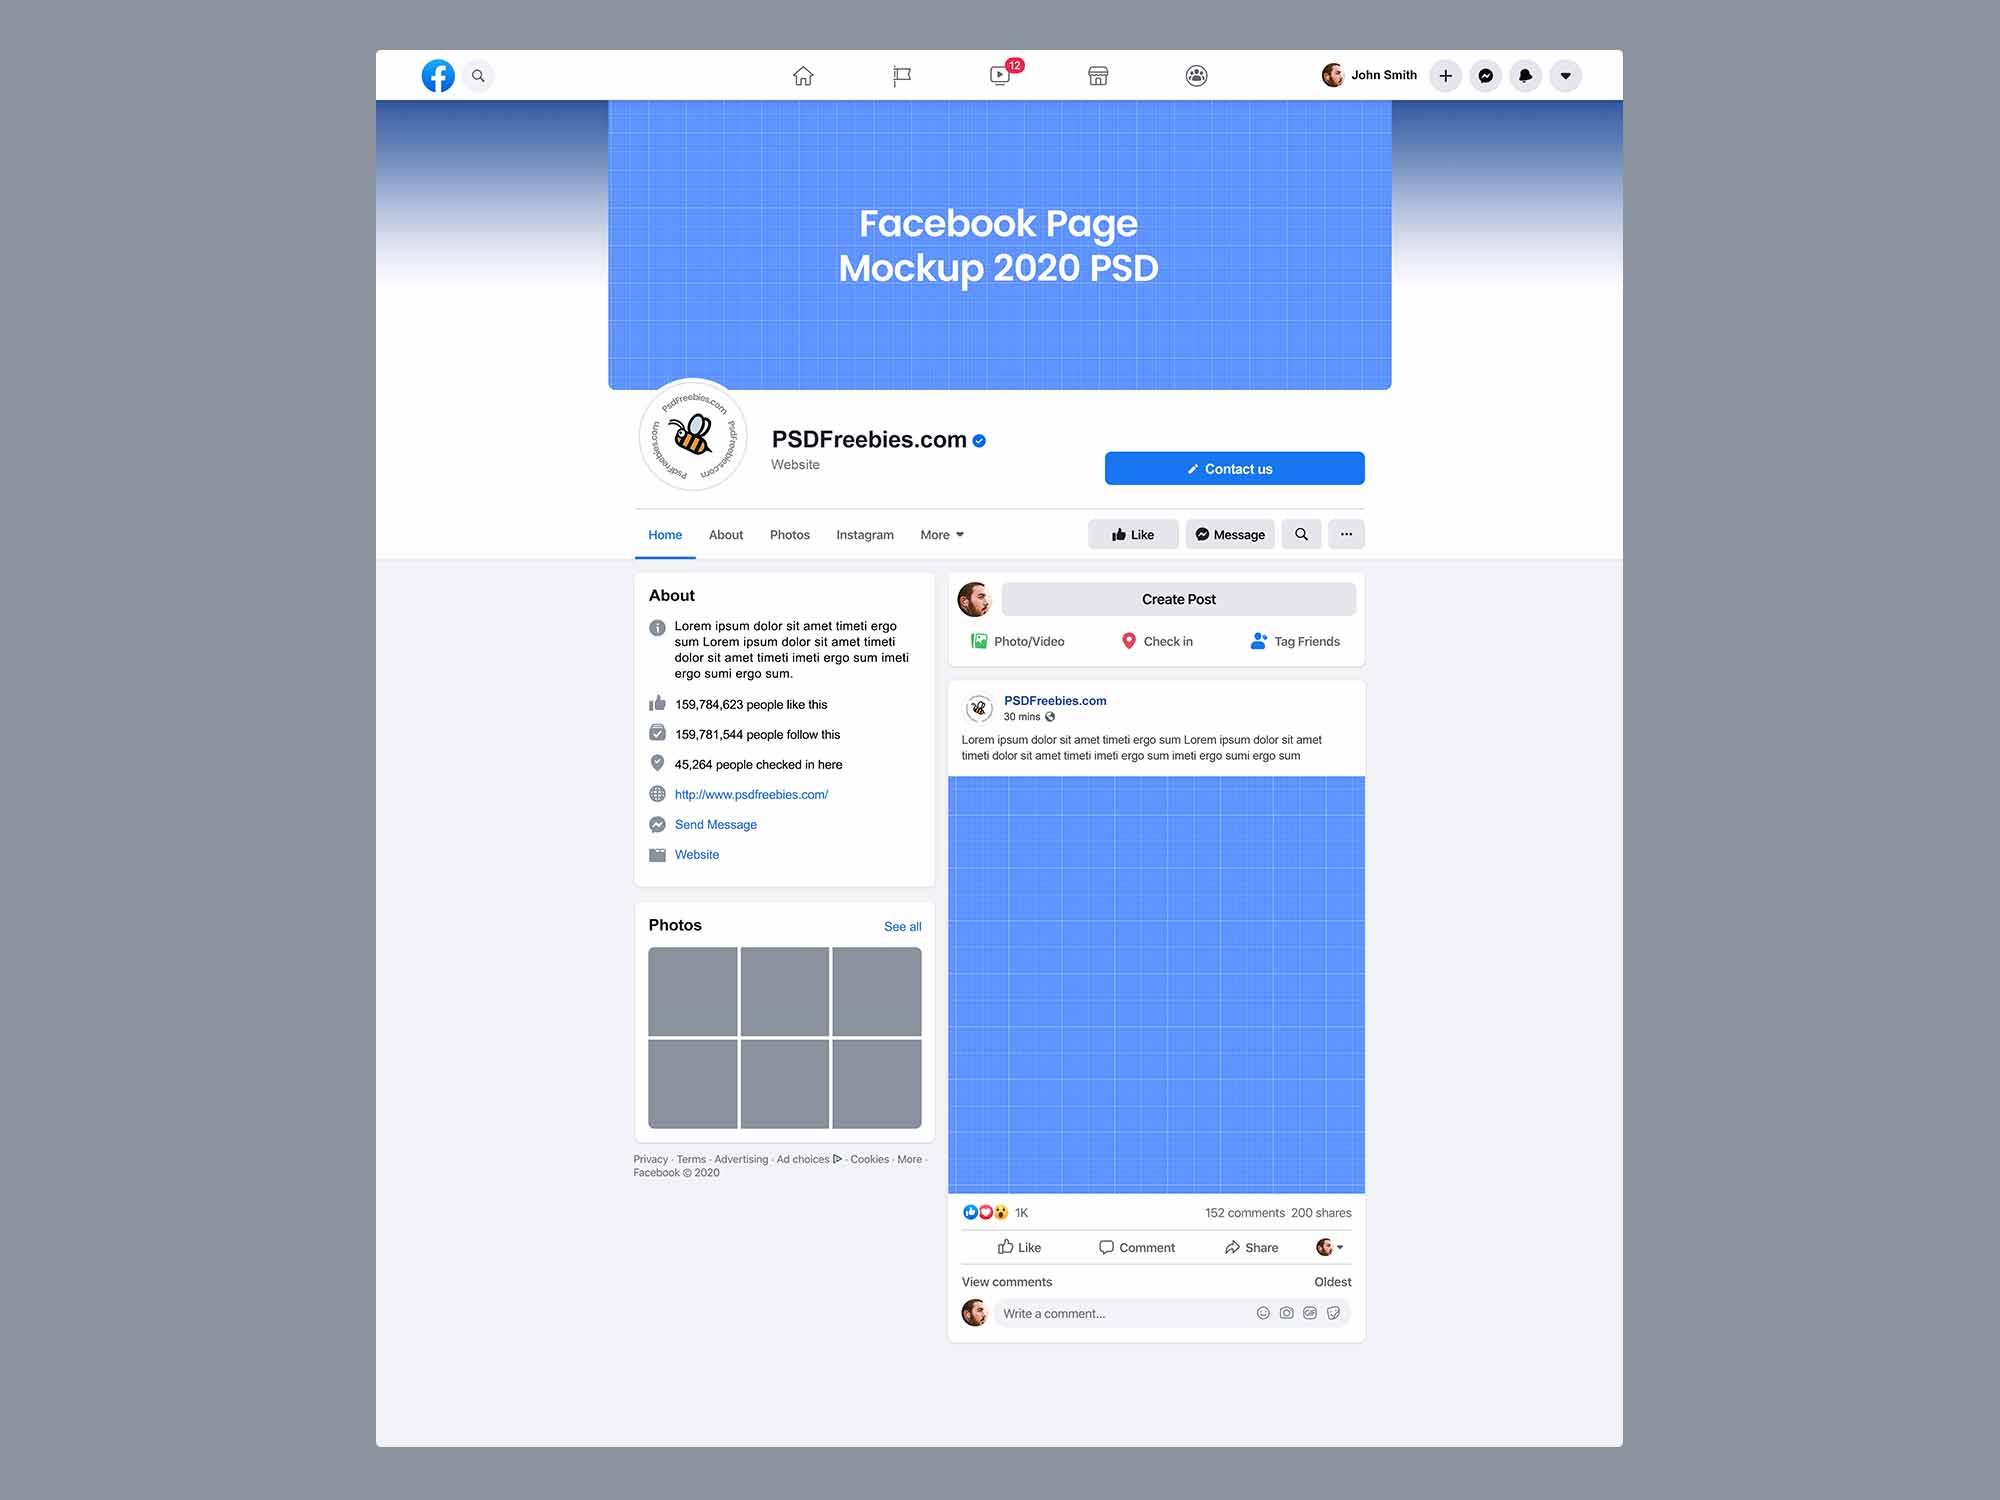 Facebook Page Mockup 2020 New Design